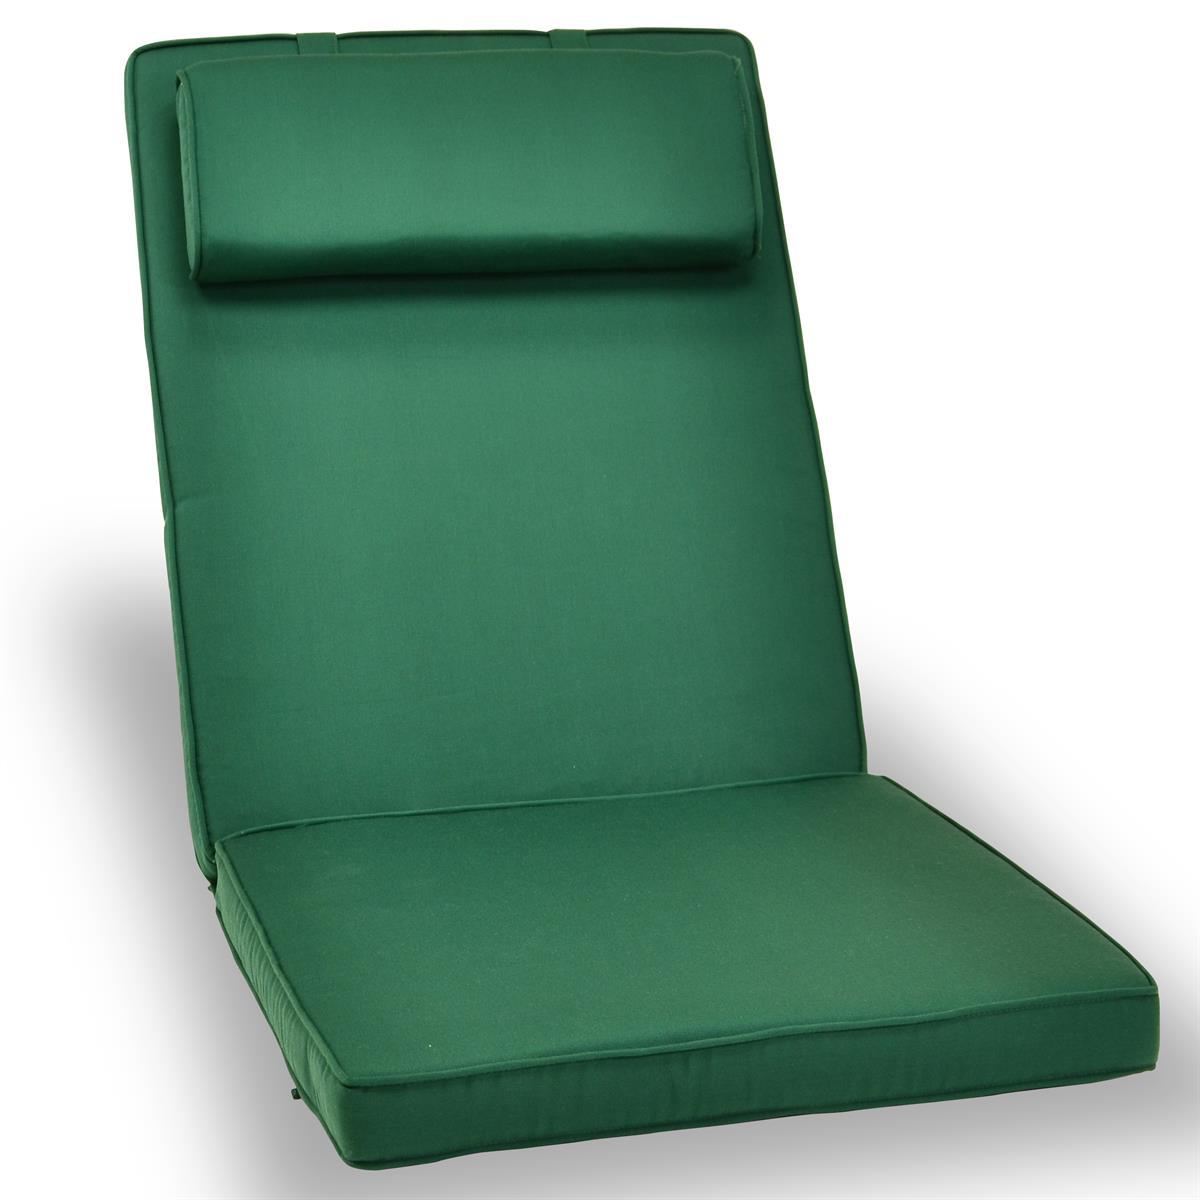 DIVERO Sitzauflage Polster Hochlehner Garten Camping Klappstuhl grün